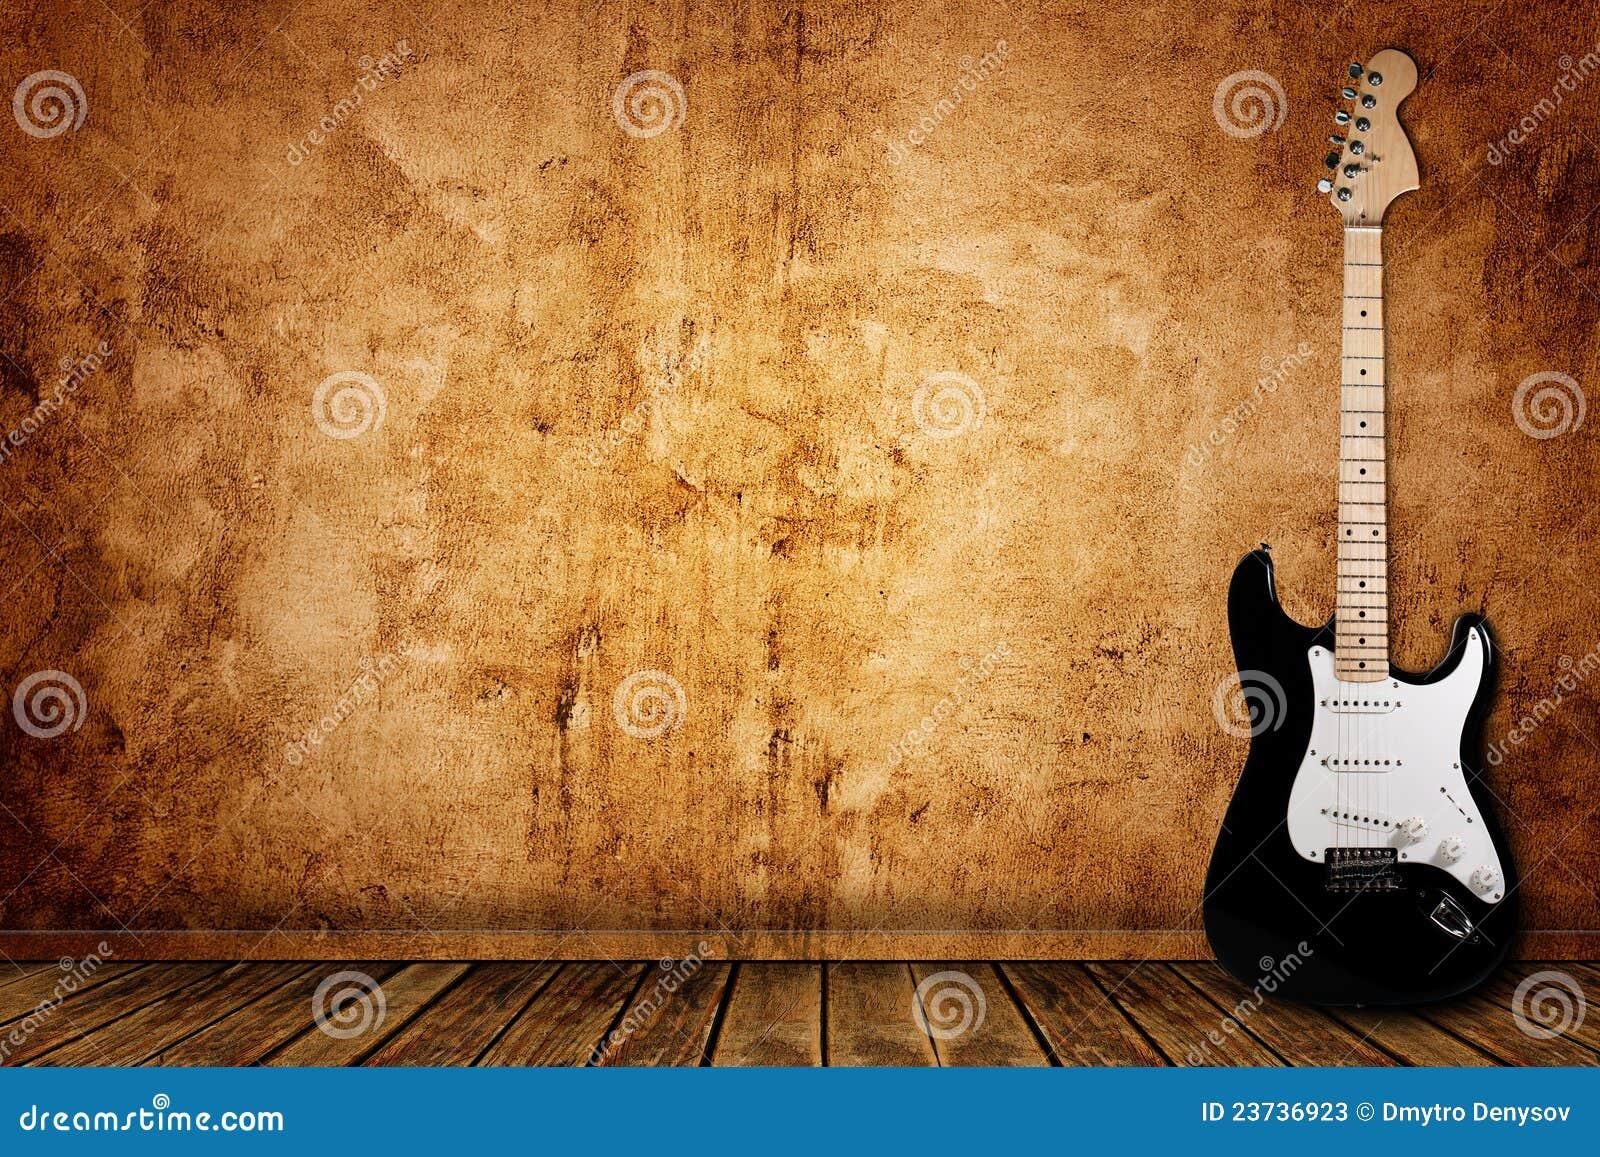 elektrische gitarre und die wand stockbild bild von konzert einlegearbeit 23736923. Black Bedroom Furniture Sets. Home Design Ideas